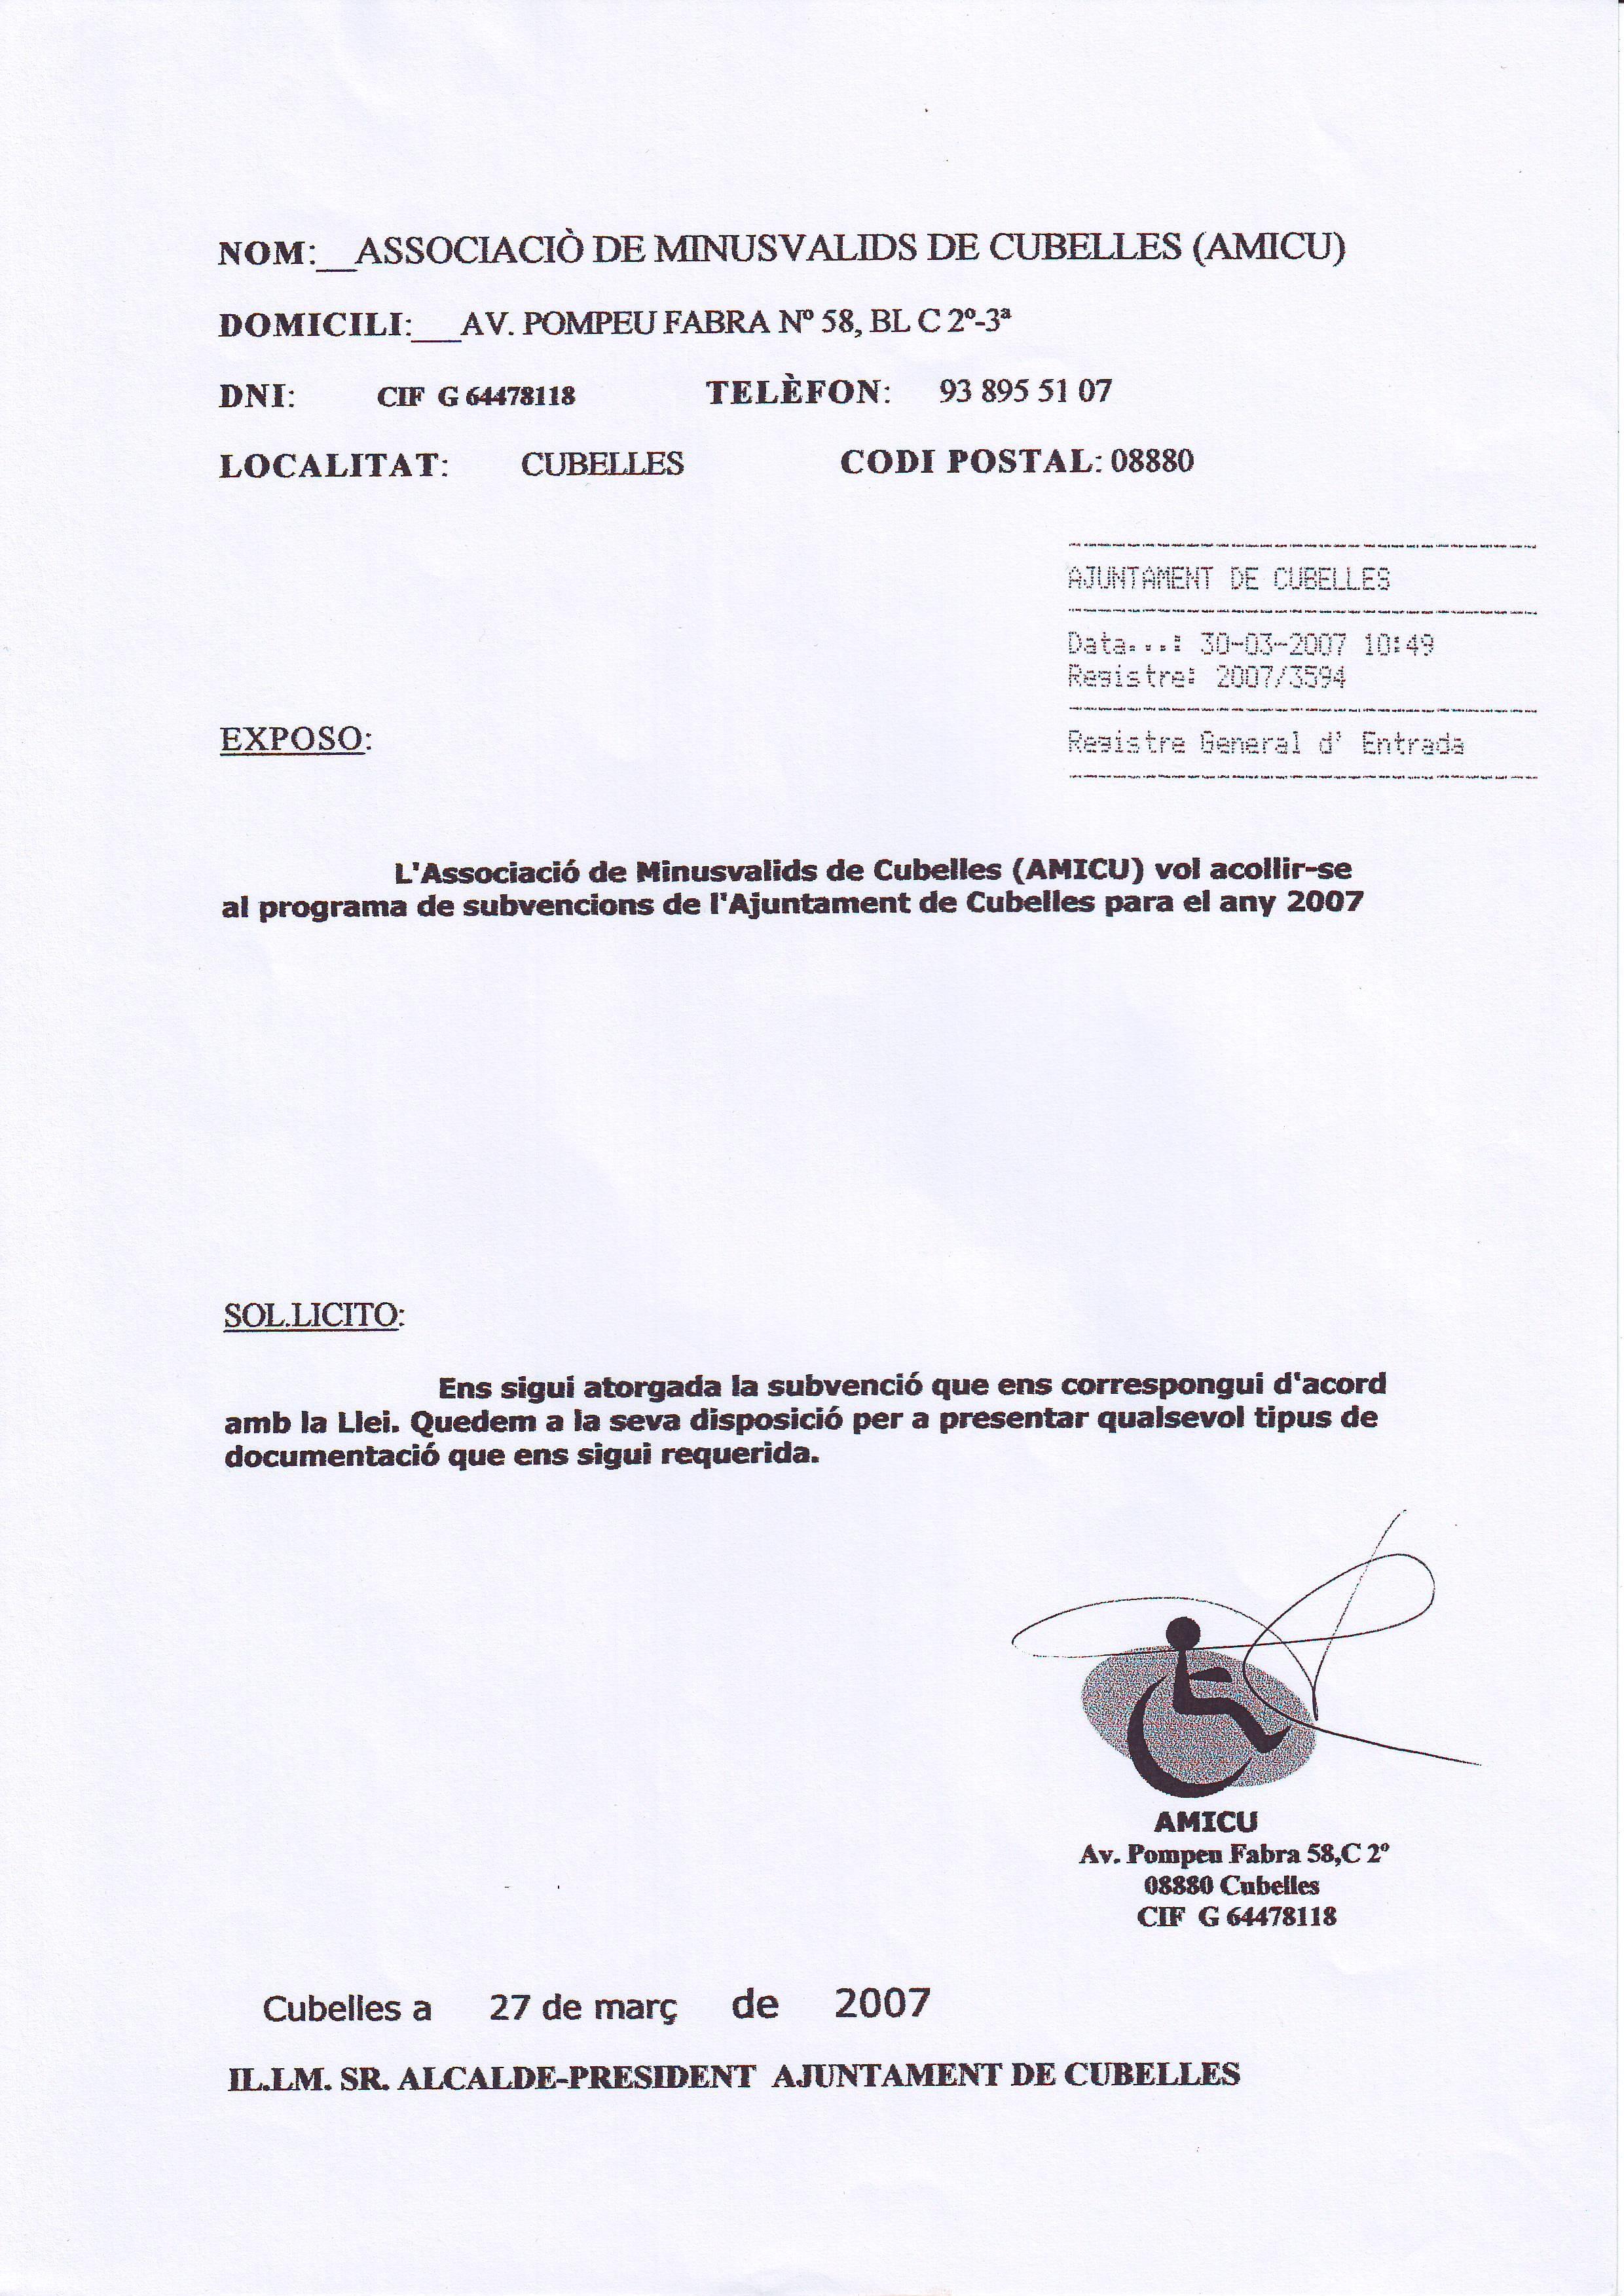 INSTANCIA- ACOGERSE AL PROGRAMA DE SUBVENCIONES 30-03-2007